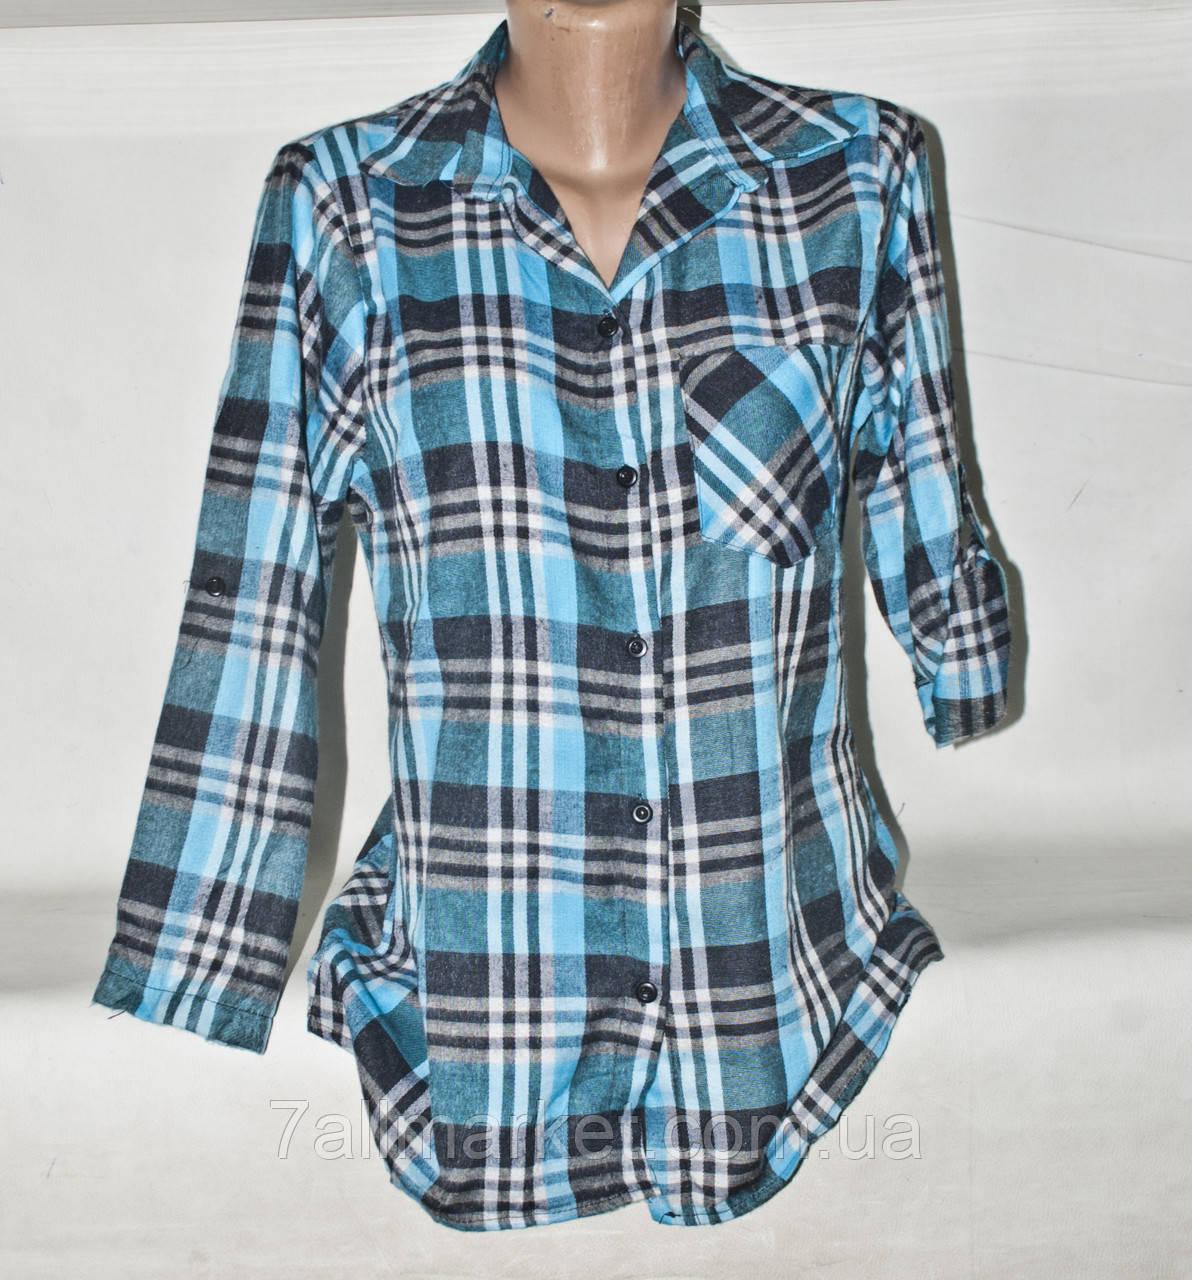 345e8d58f5f Рубашка женская молодежная в клетку